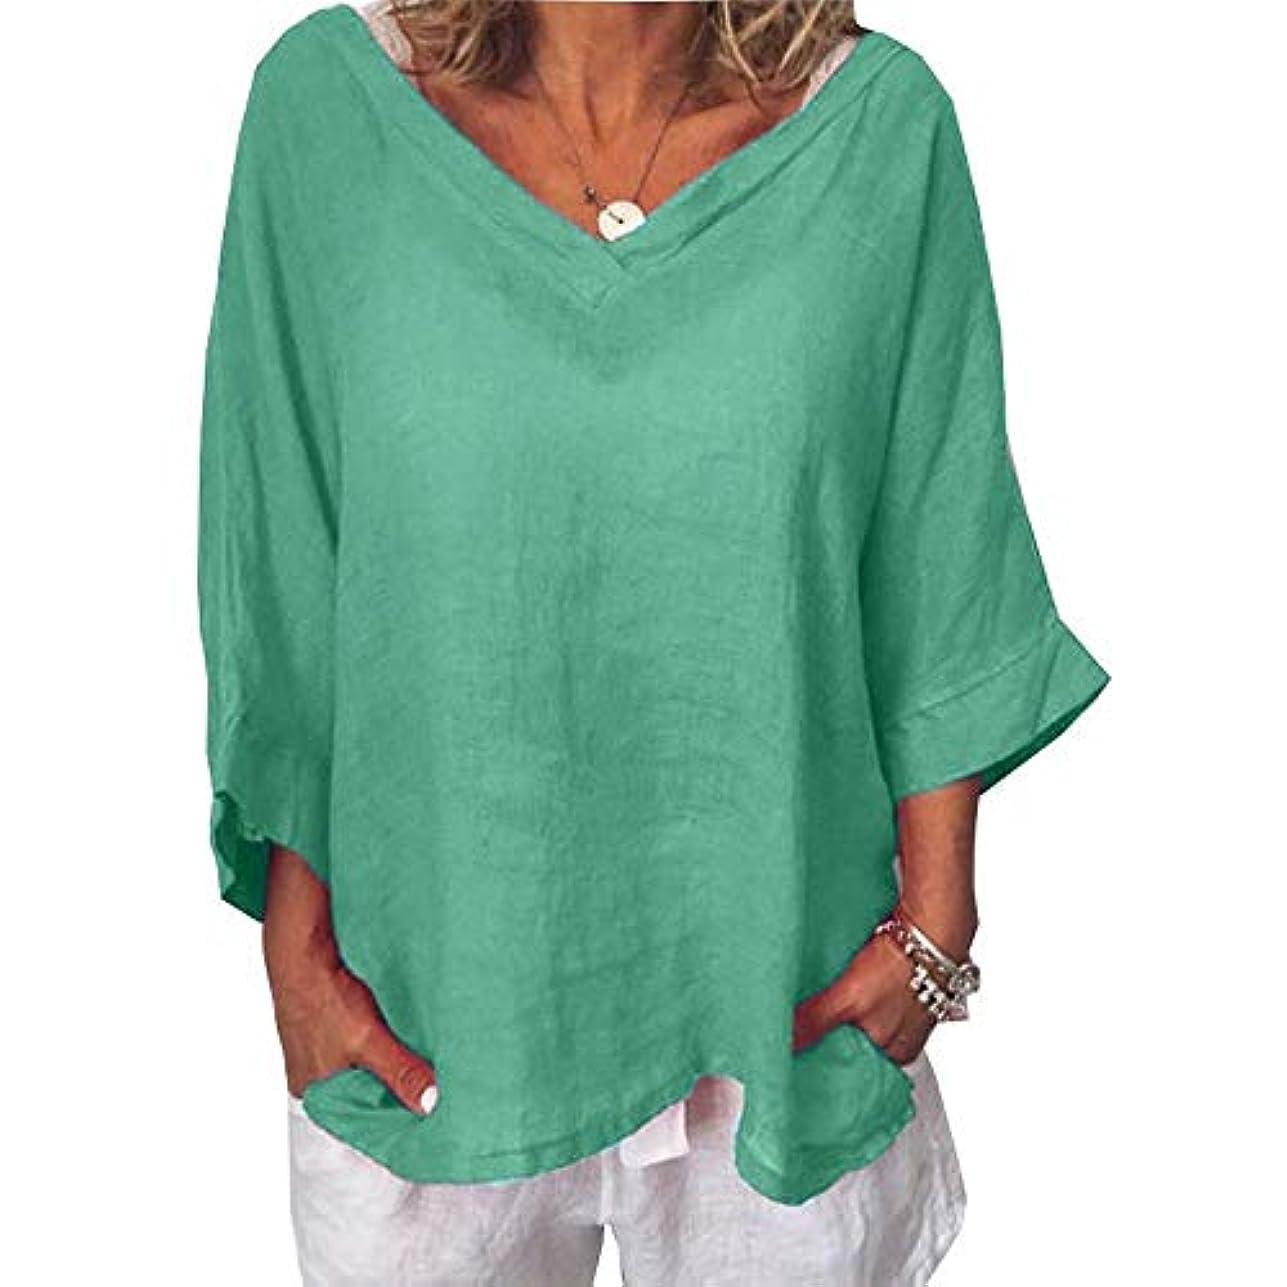 刺激するテーブルチューリップMIFAN女性ファッションカジュアルVネックトップス無地長袖Tシャツルーズボヘミアンビーチウェア